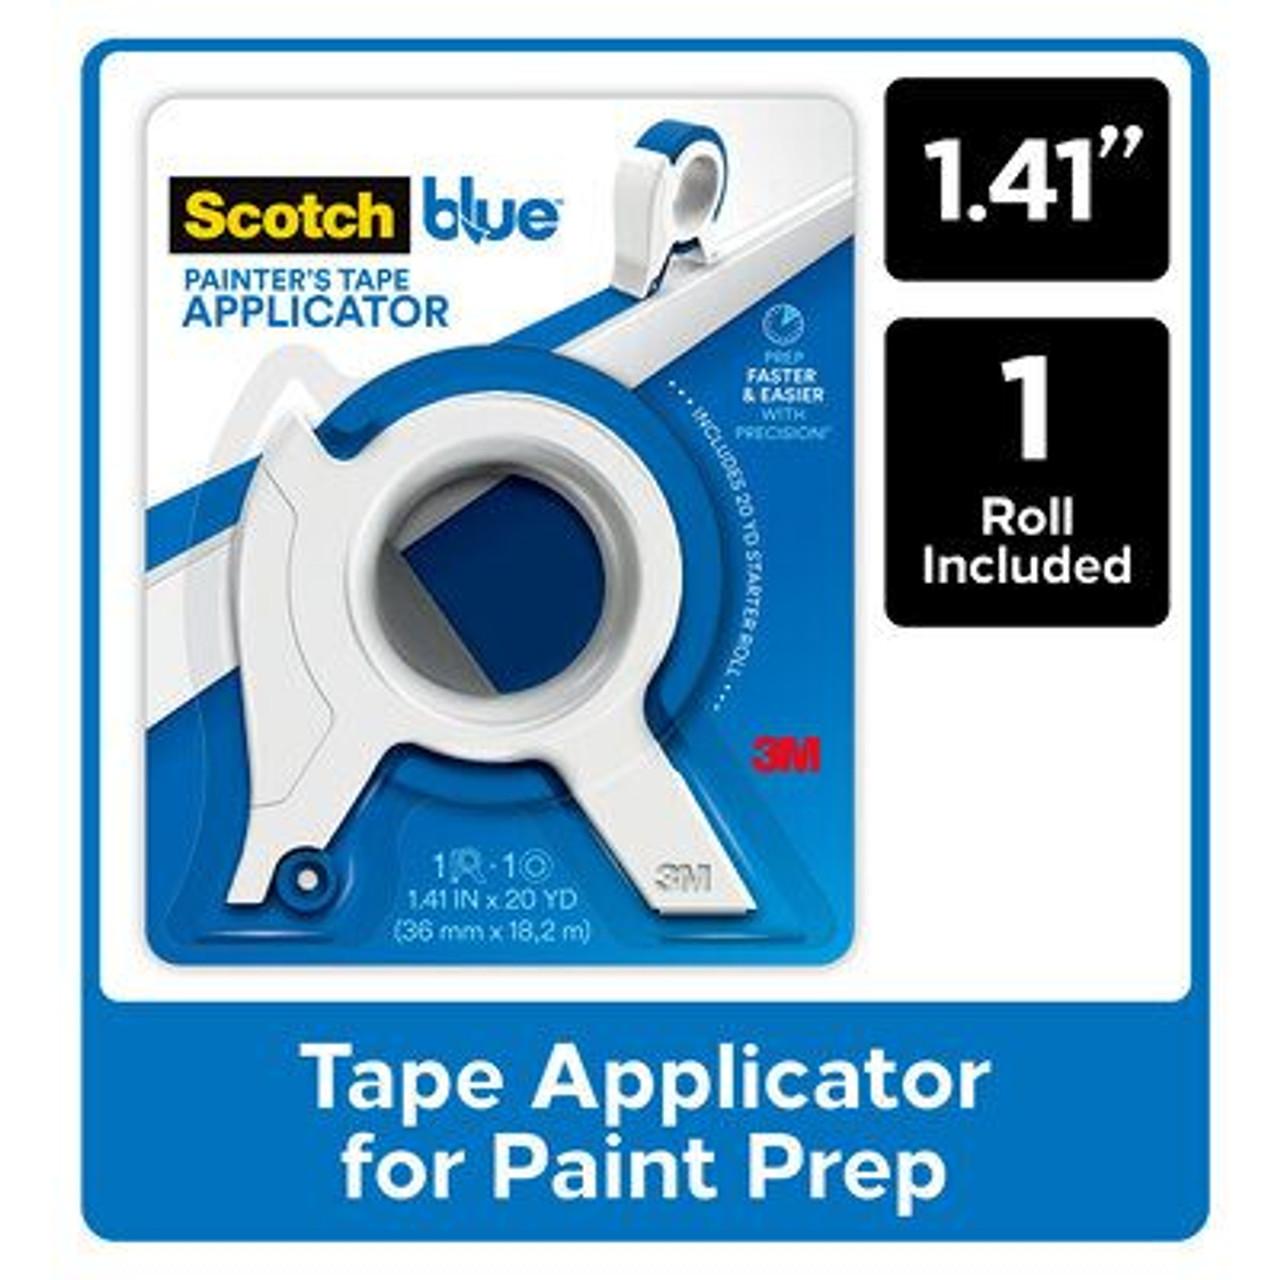 ScotchBlue™ Painter's Tape Applicator TA3-SB